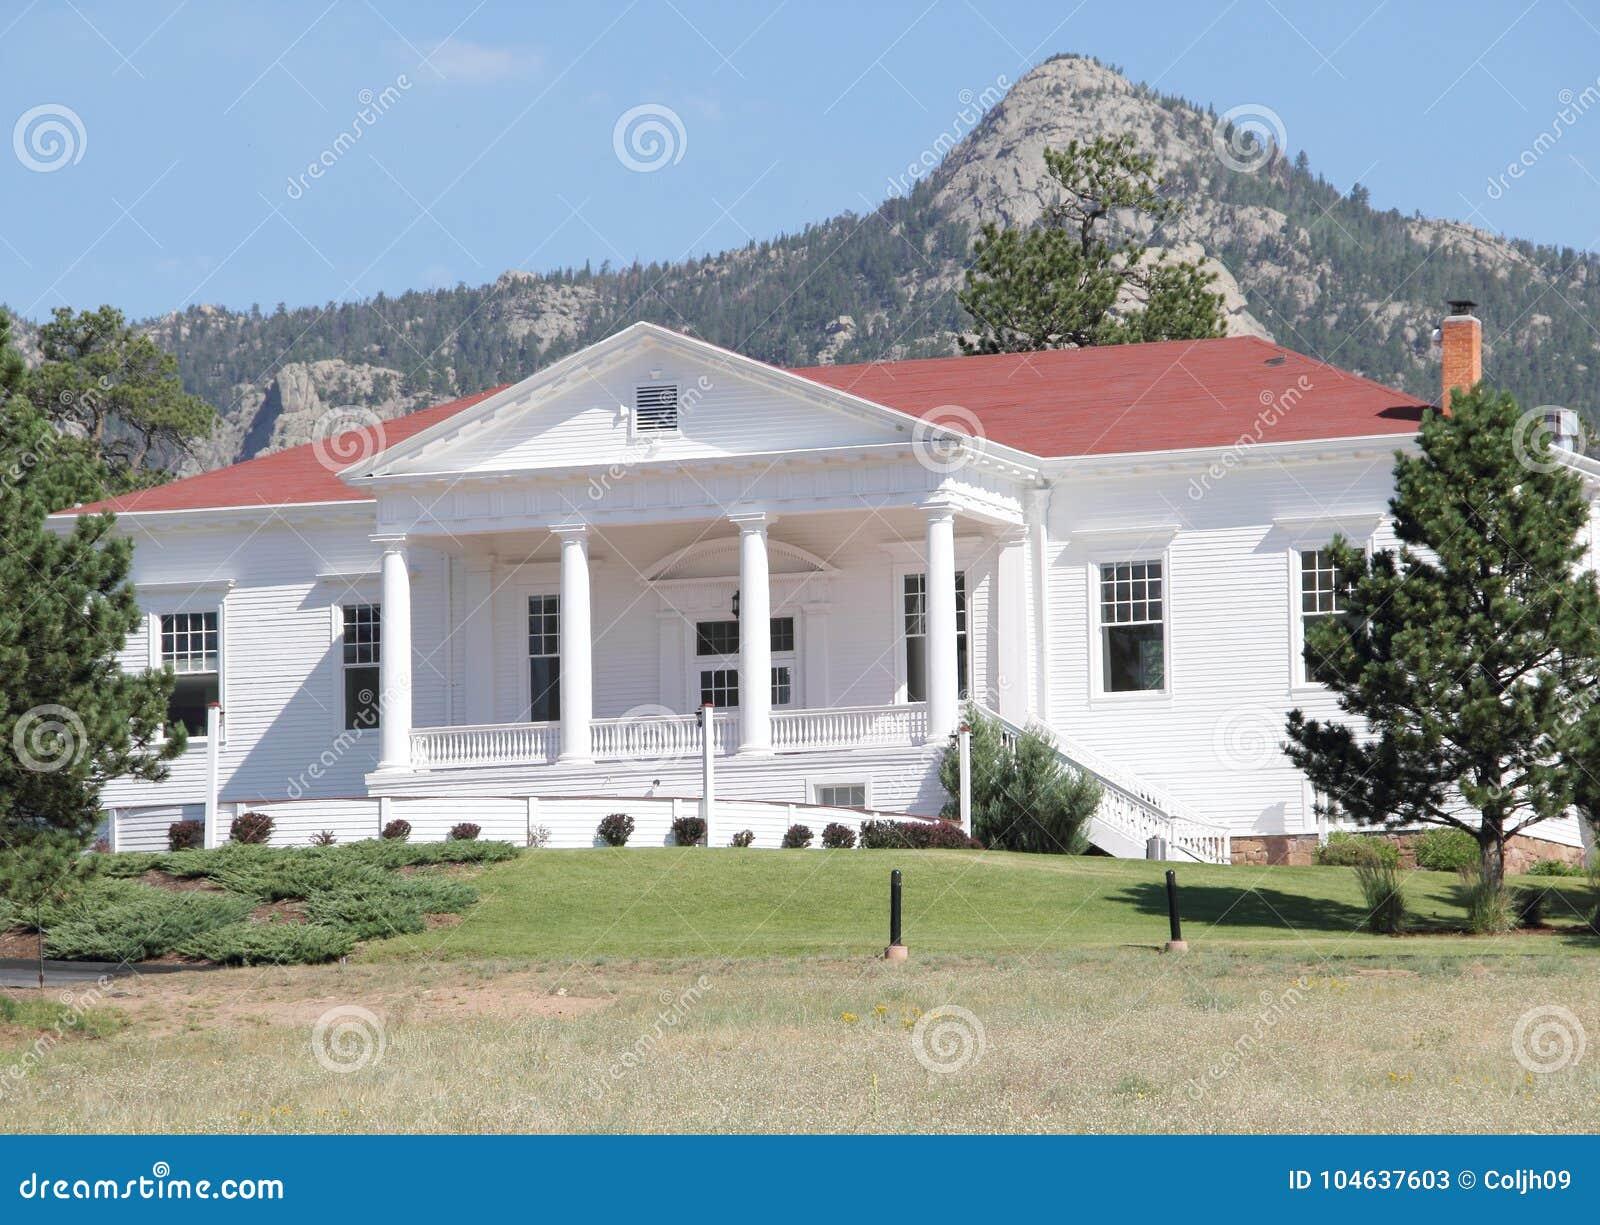 Download Stanley Hotel Outer Building Redactionele Stock Foto - Afbeelding bestaande uit beroemd, wereld: 104637603